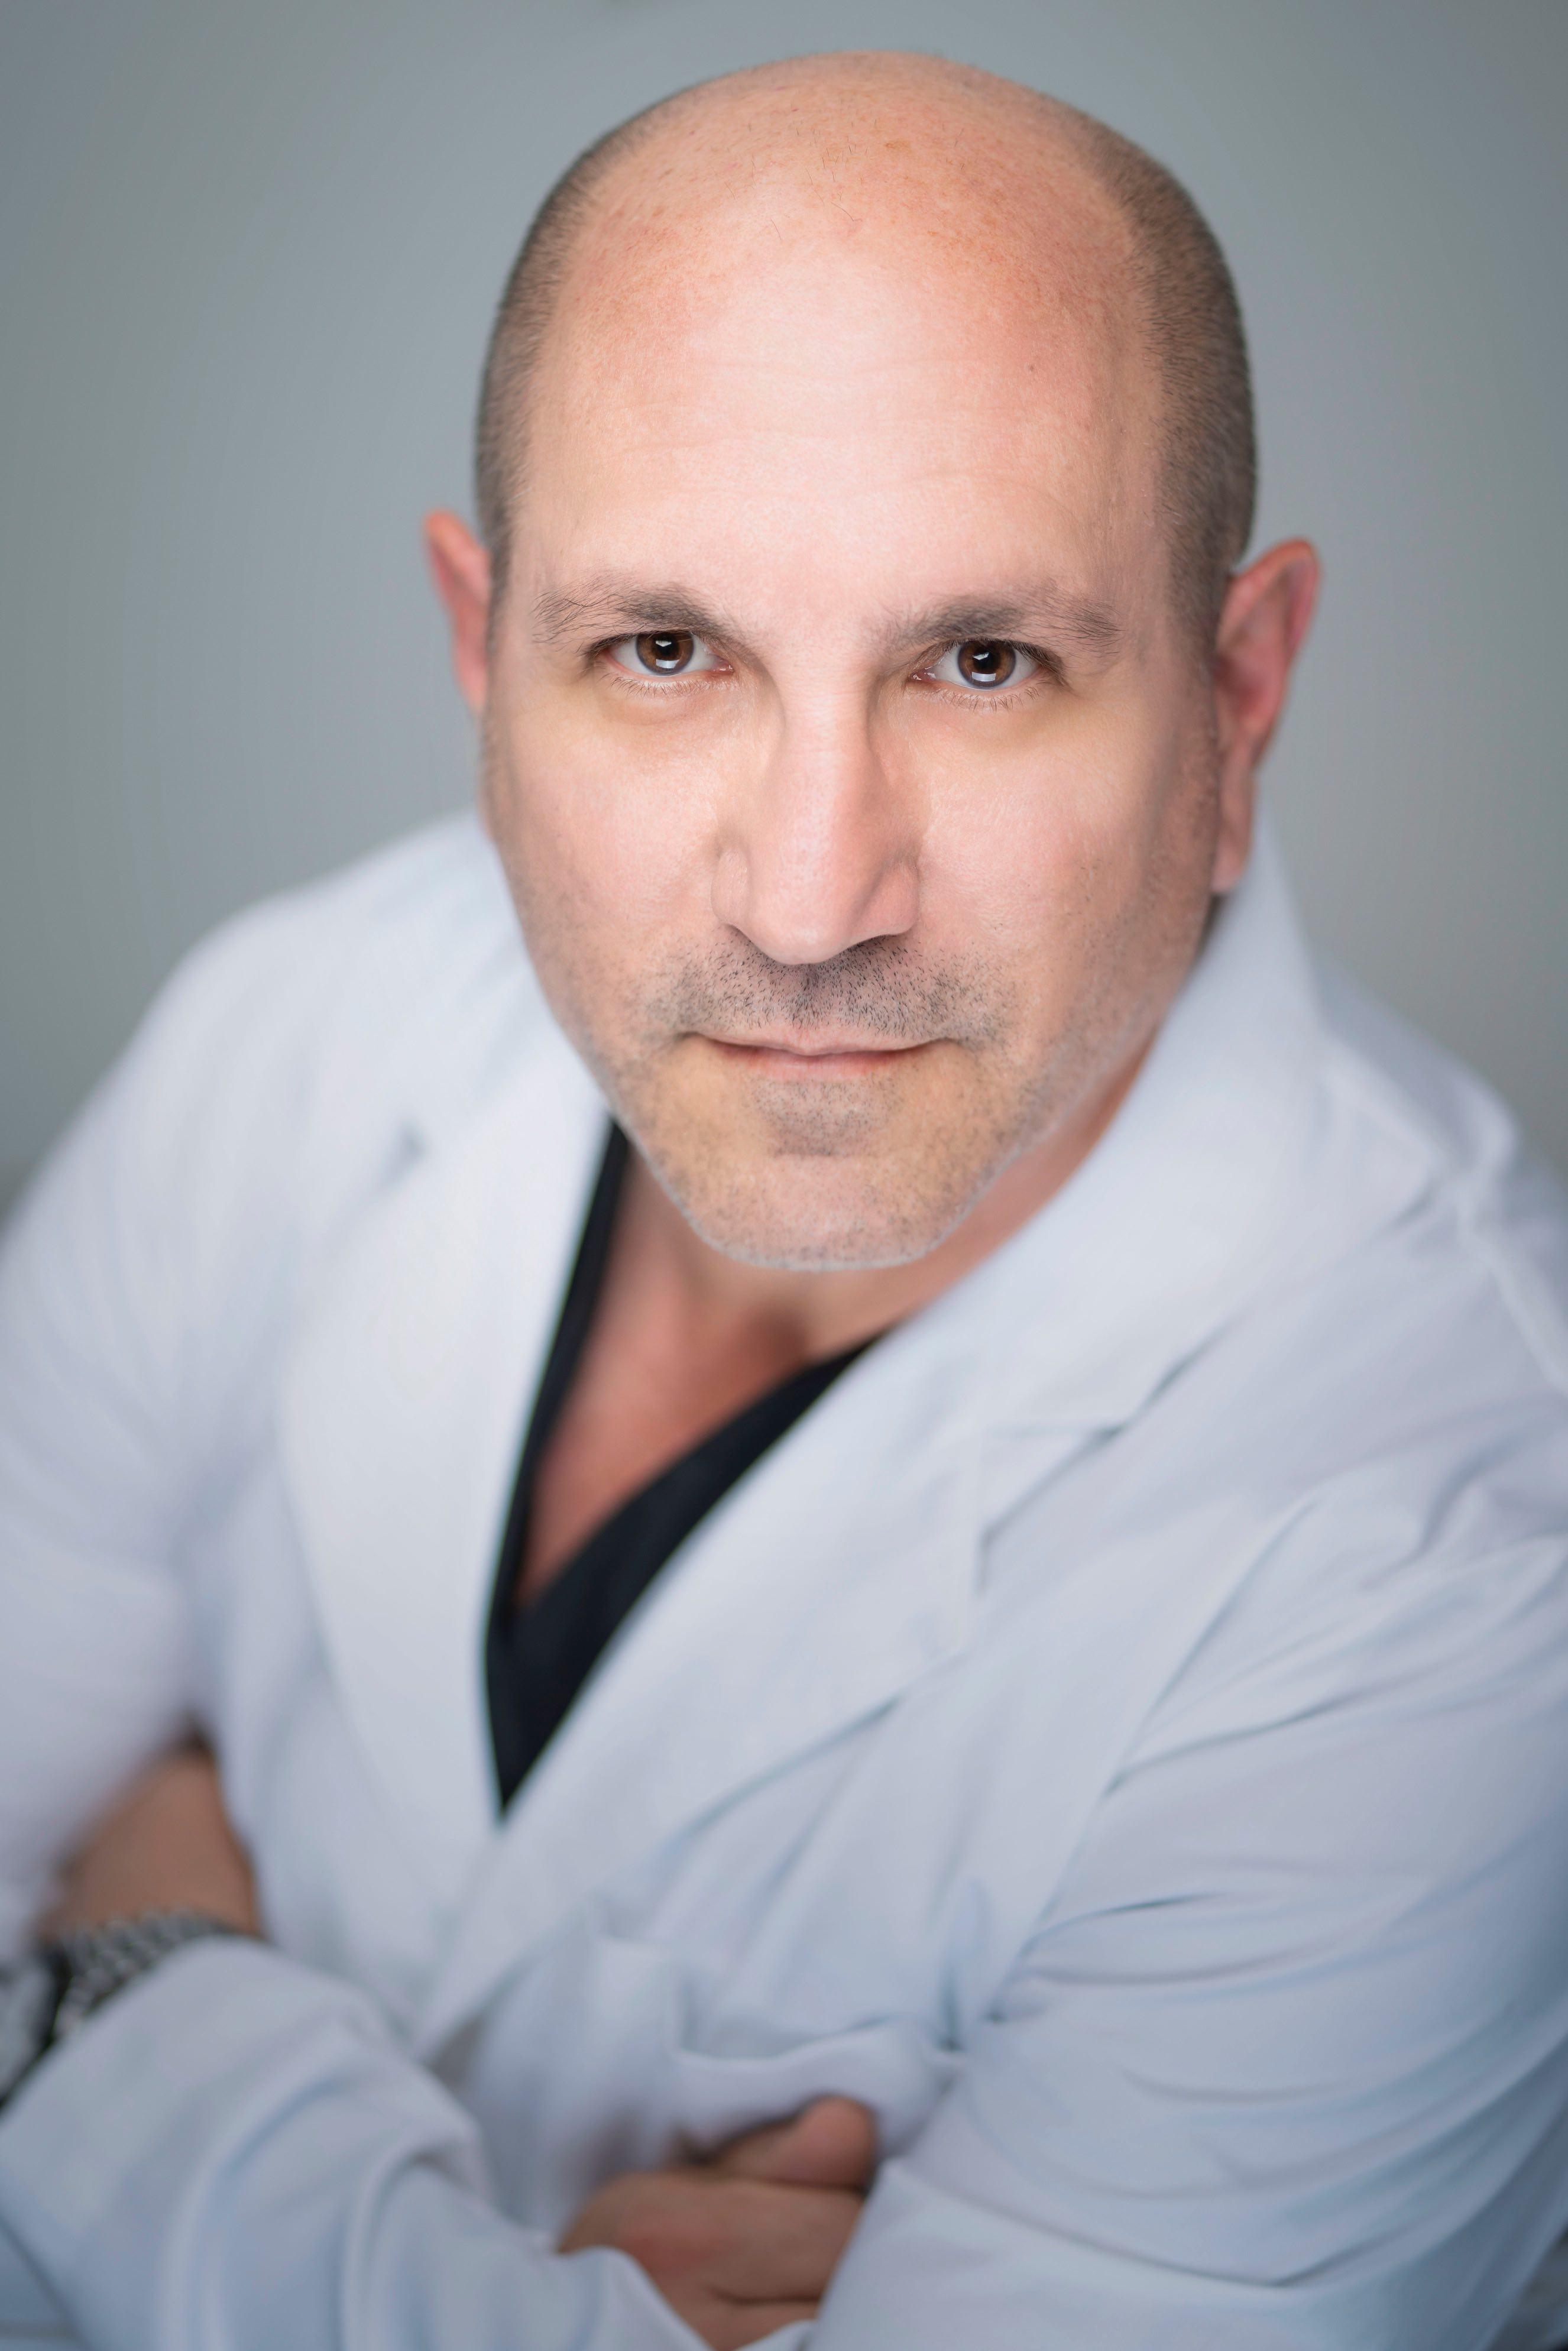 Barry Miller, BSN, CRNA